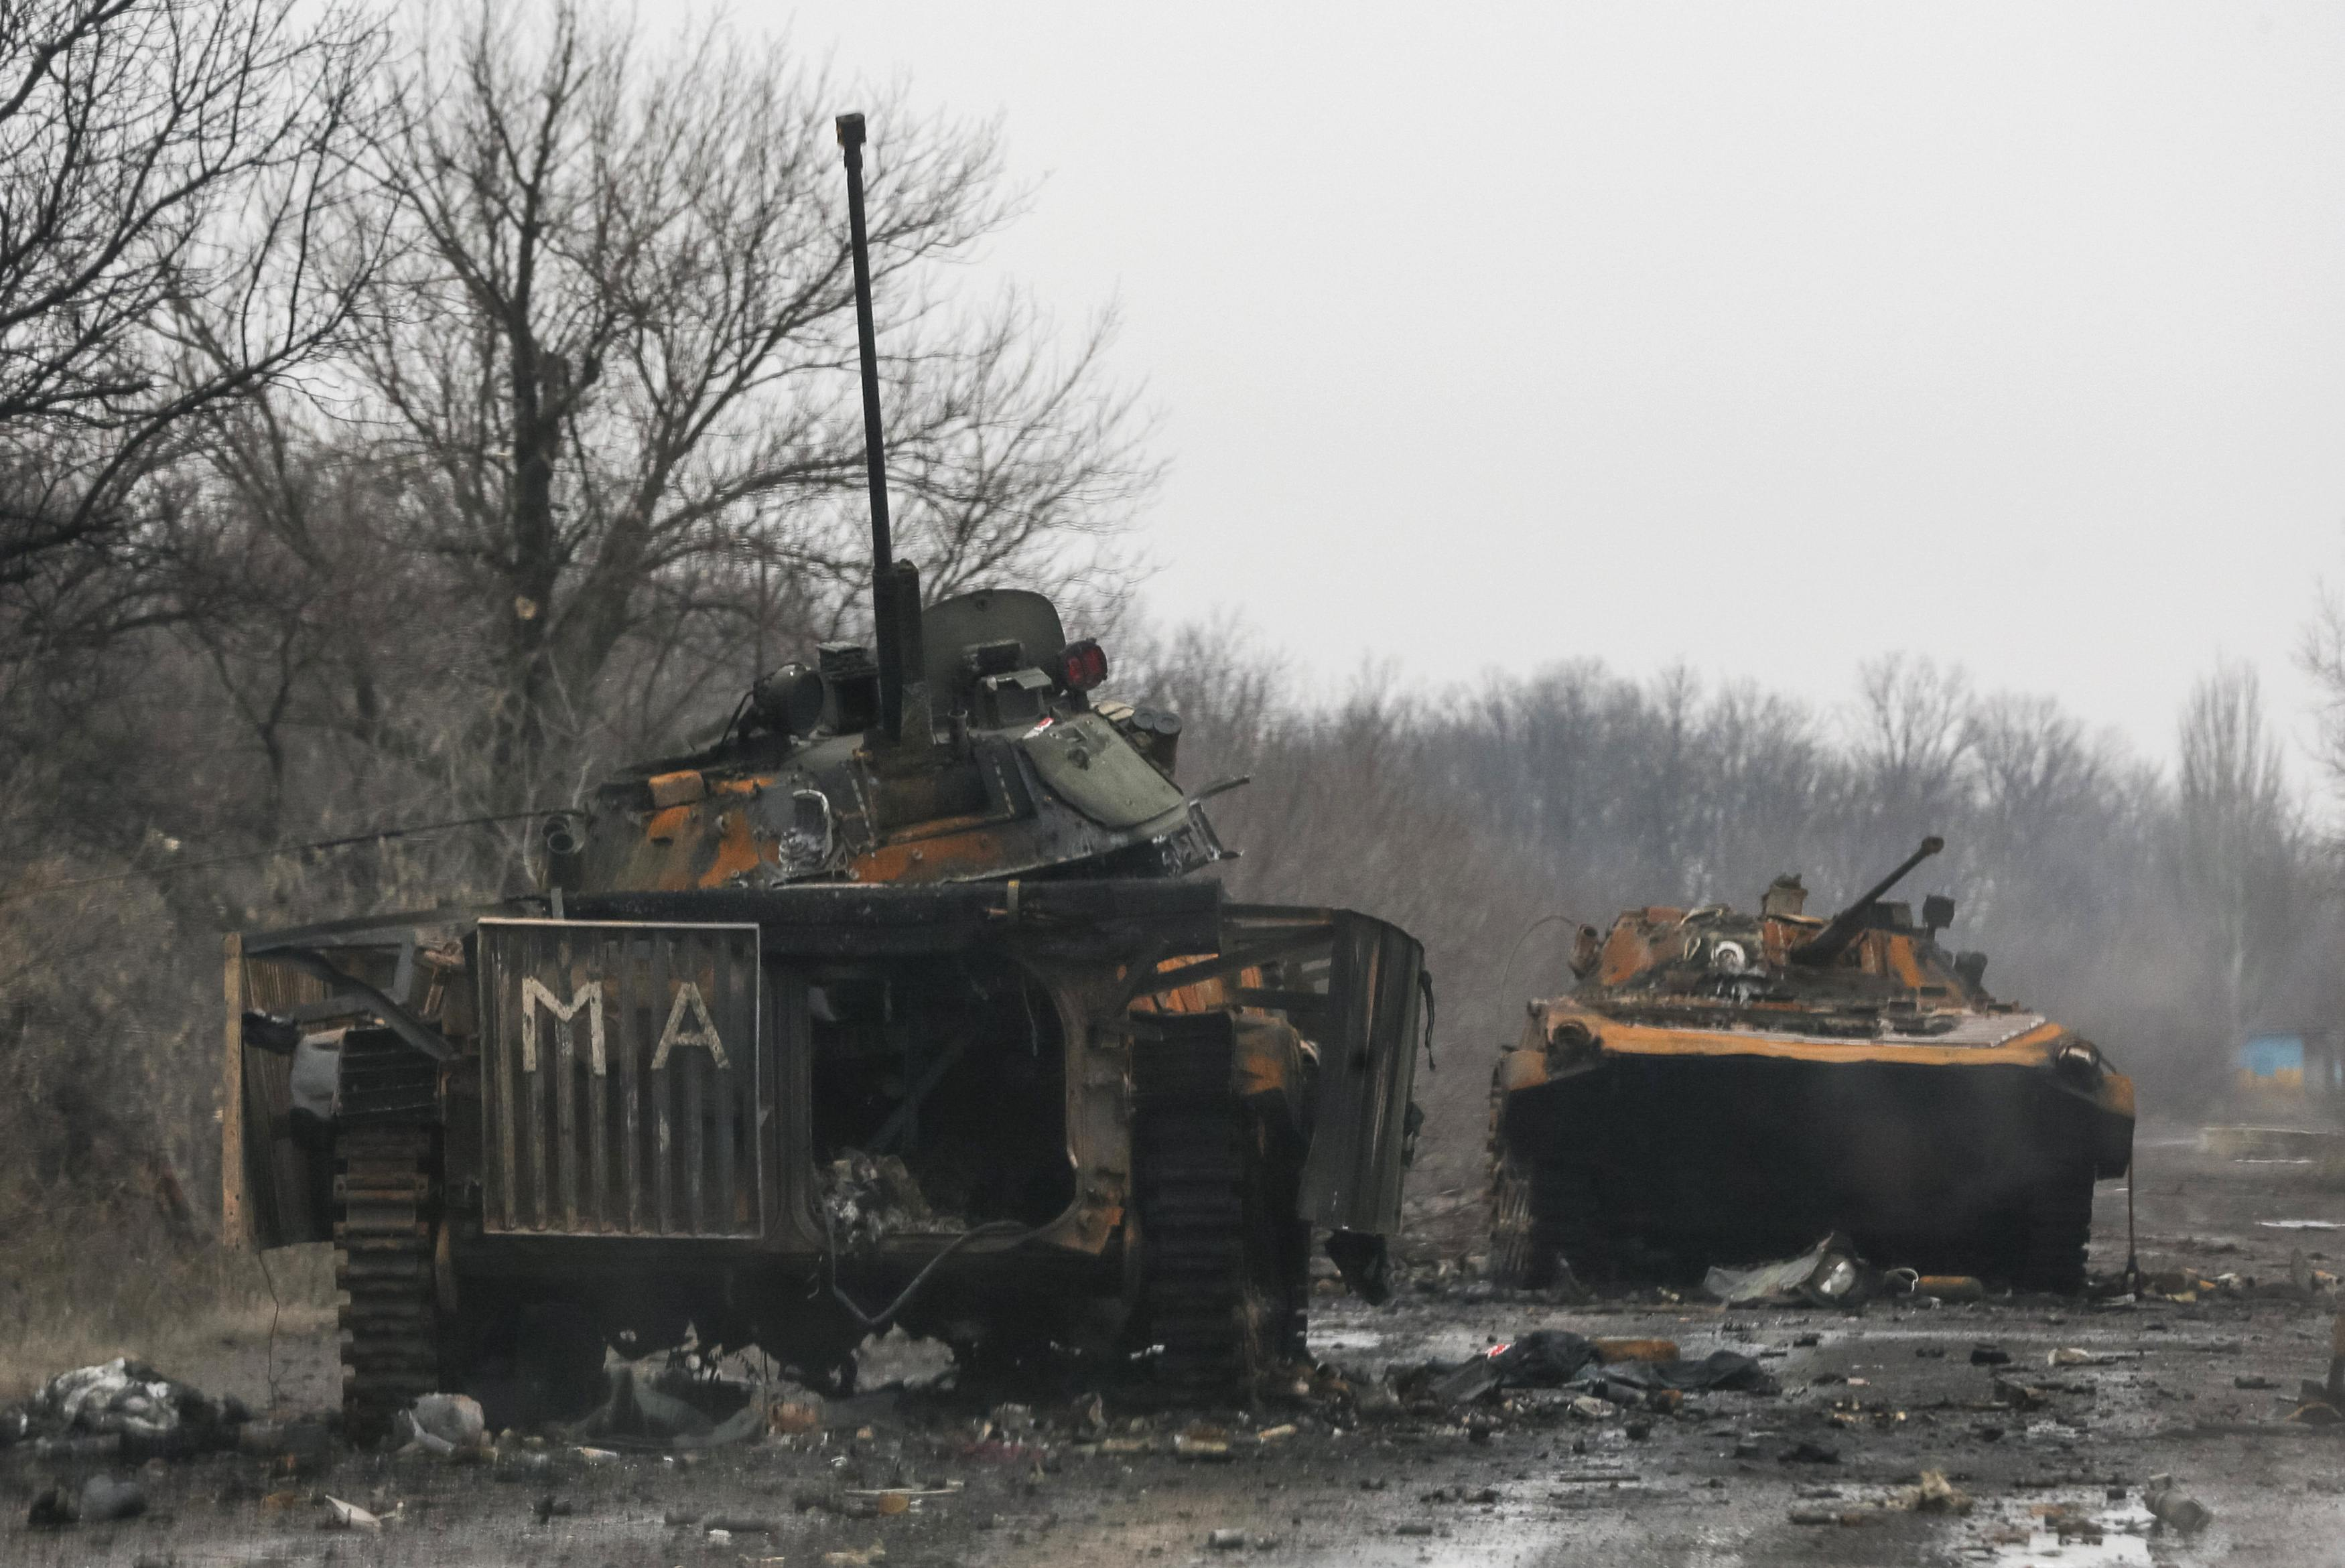 Силовики уничтожили часть российской бронетехники, иллюстрация